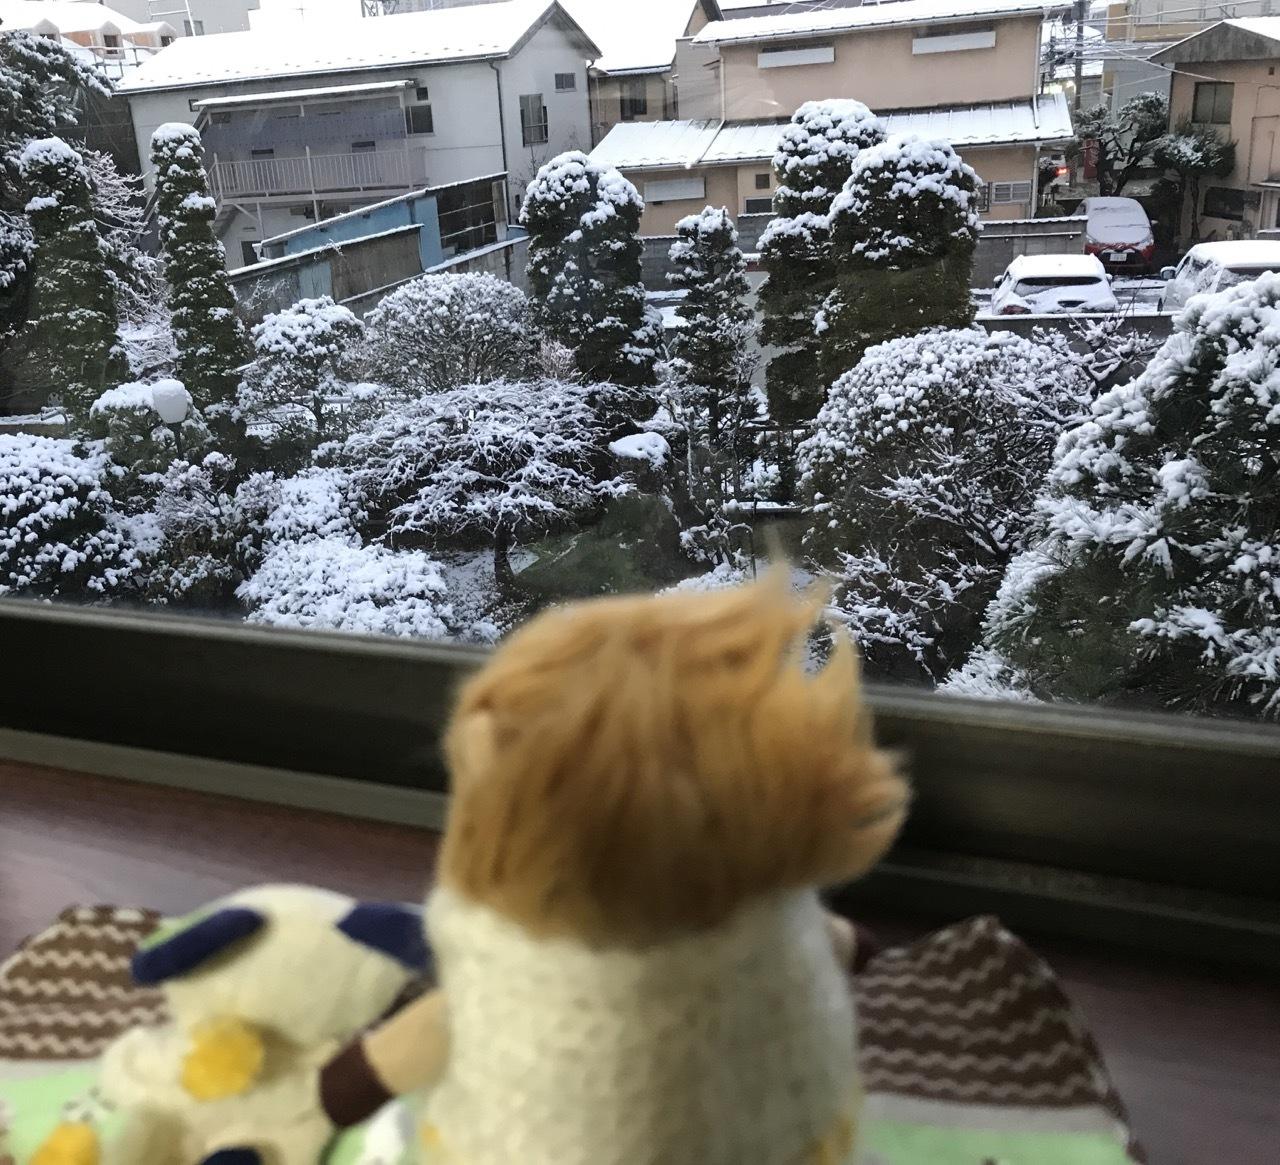 ふるさと仙台での素晴らしい日々、たくさんのありがとう 〜 おまけのpart5_c0186460_20463256.jpg